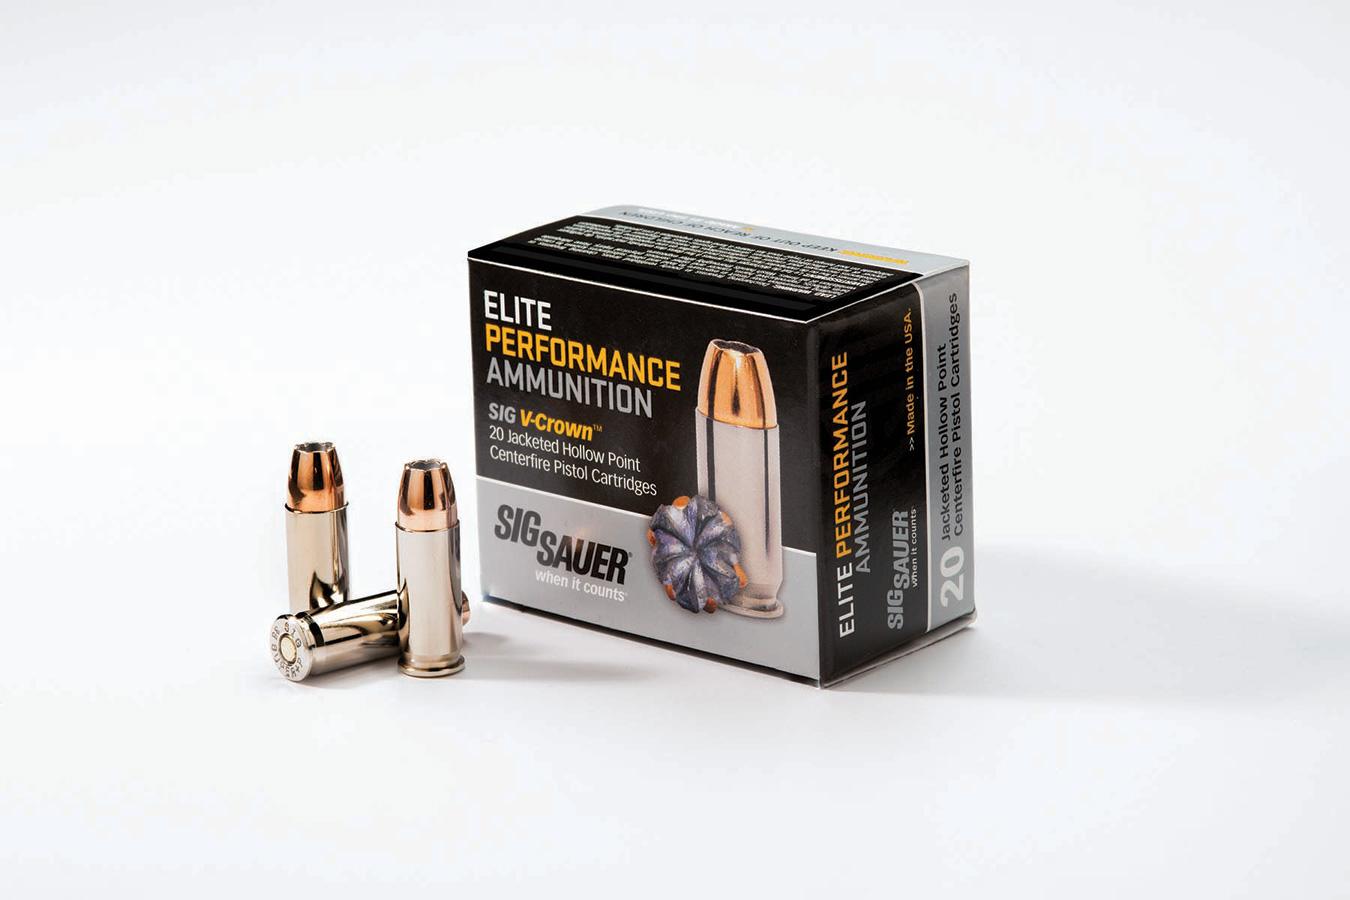 SIG Sauer Elite ammunition